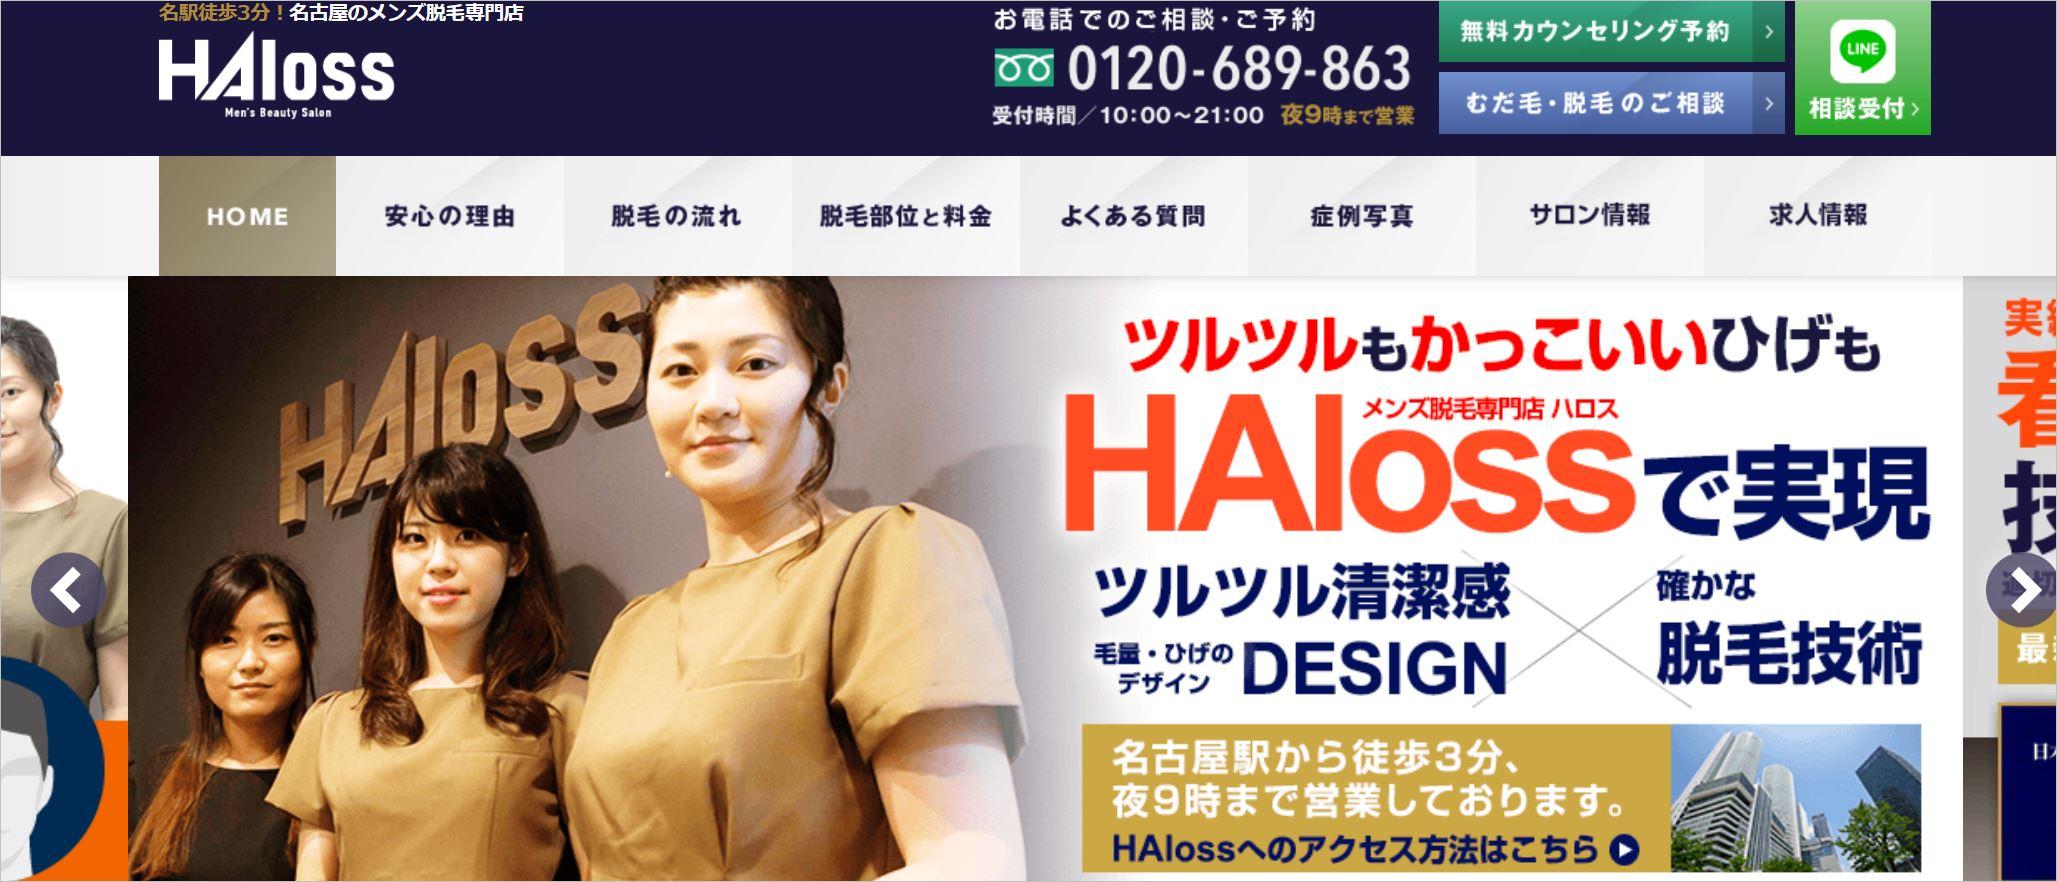 ハロスのトップ画面